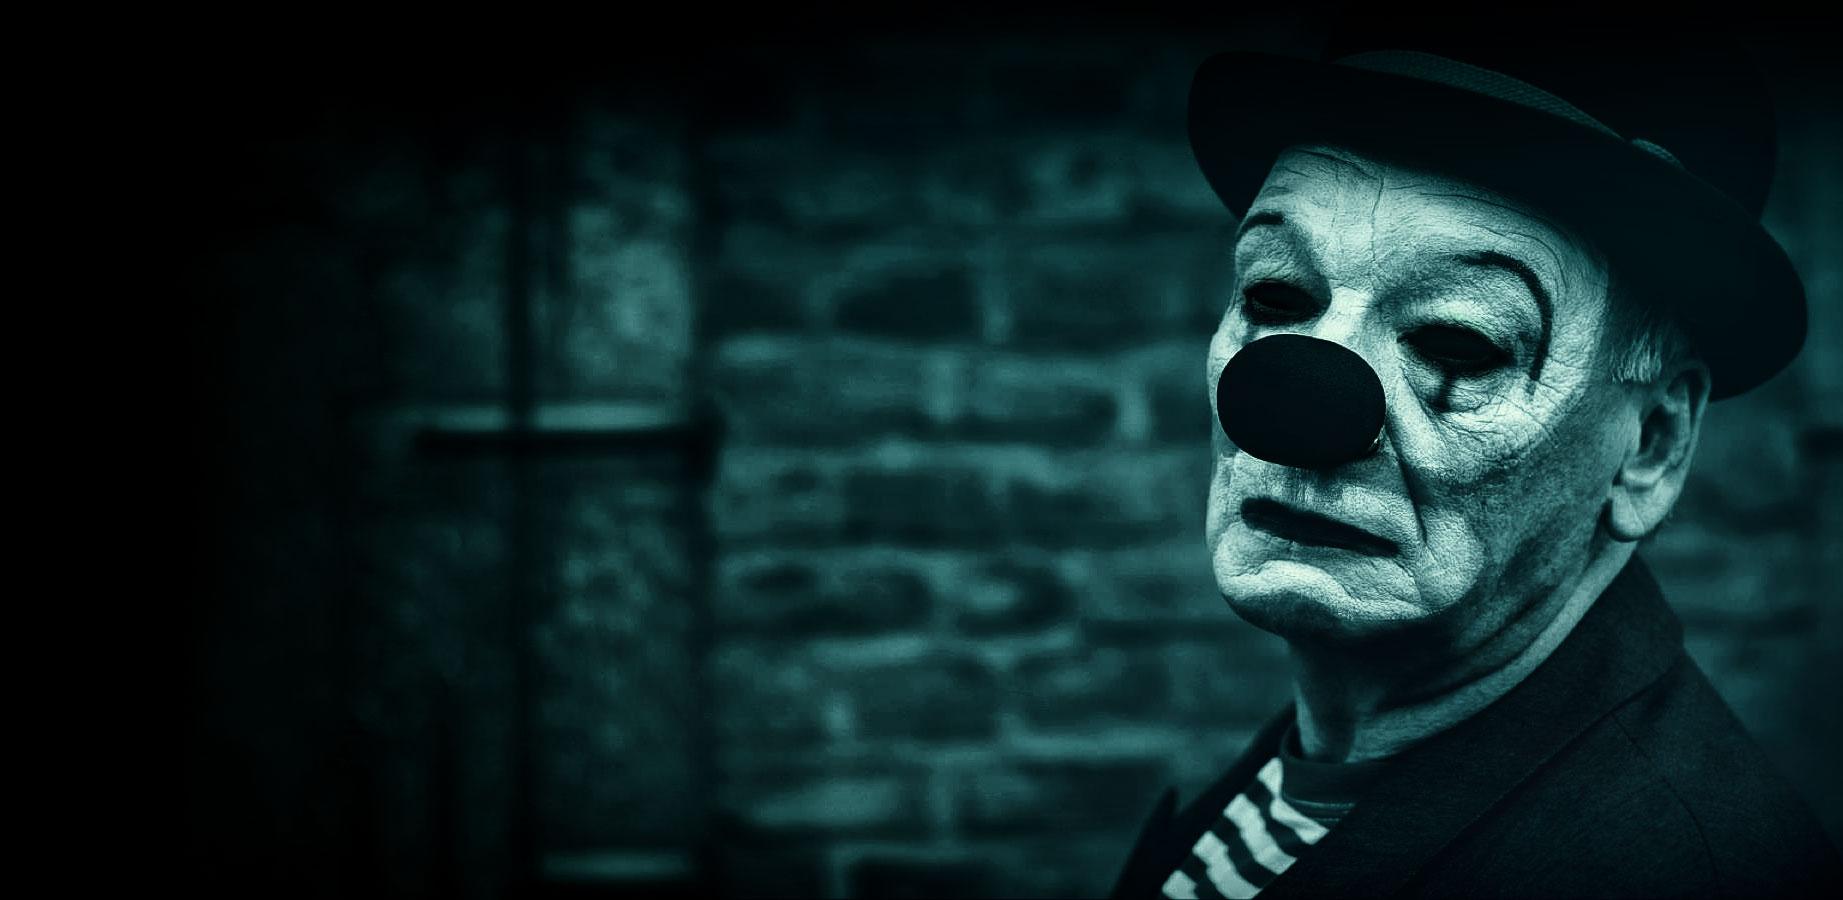 sad clown vatoum productions